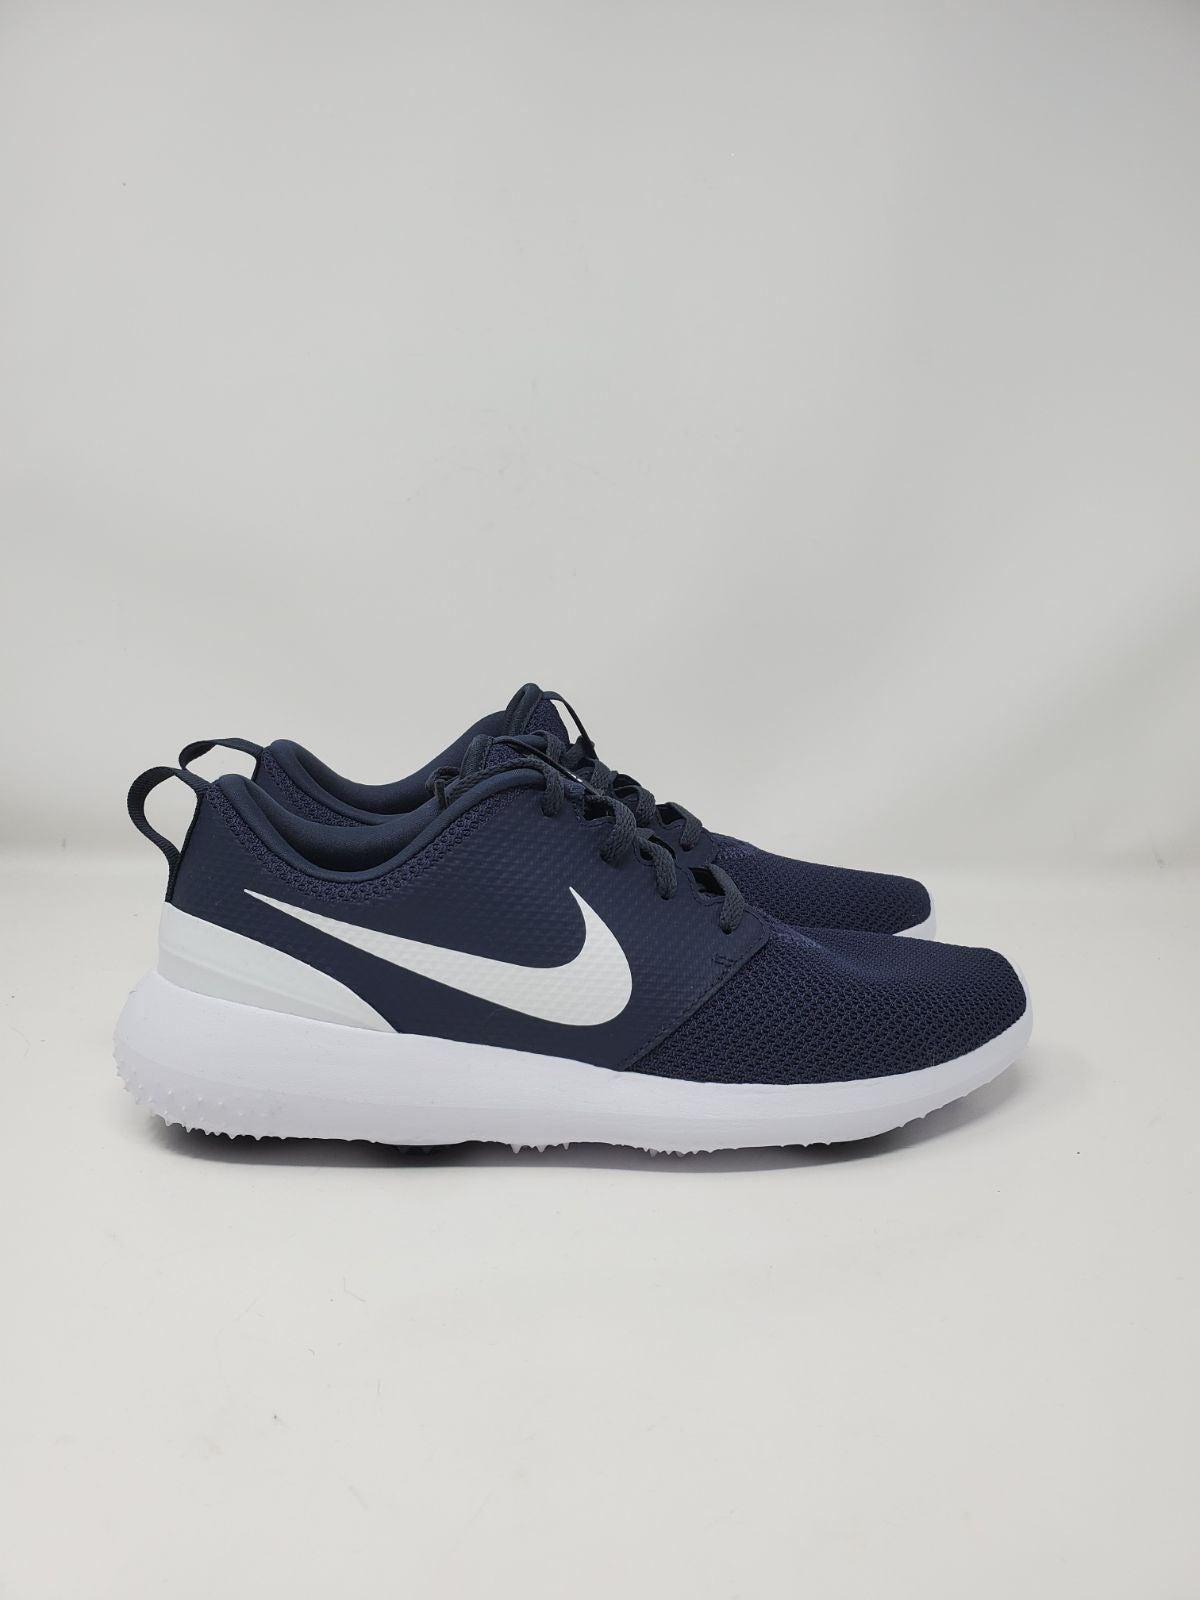 NEW Nike Roshe G Golf Shoes Thunder blue